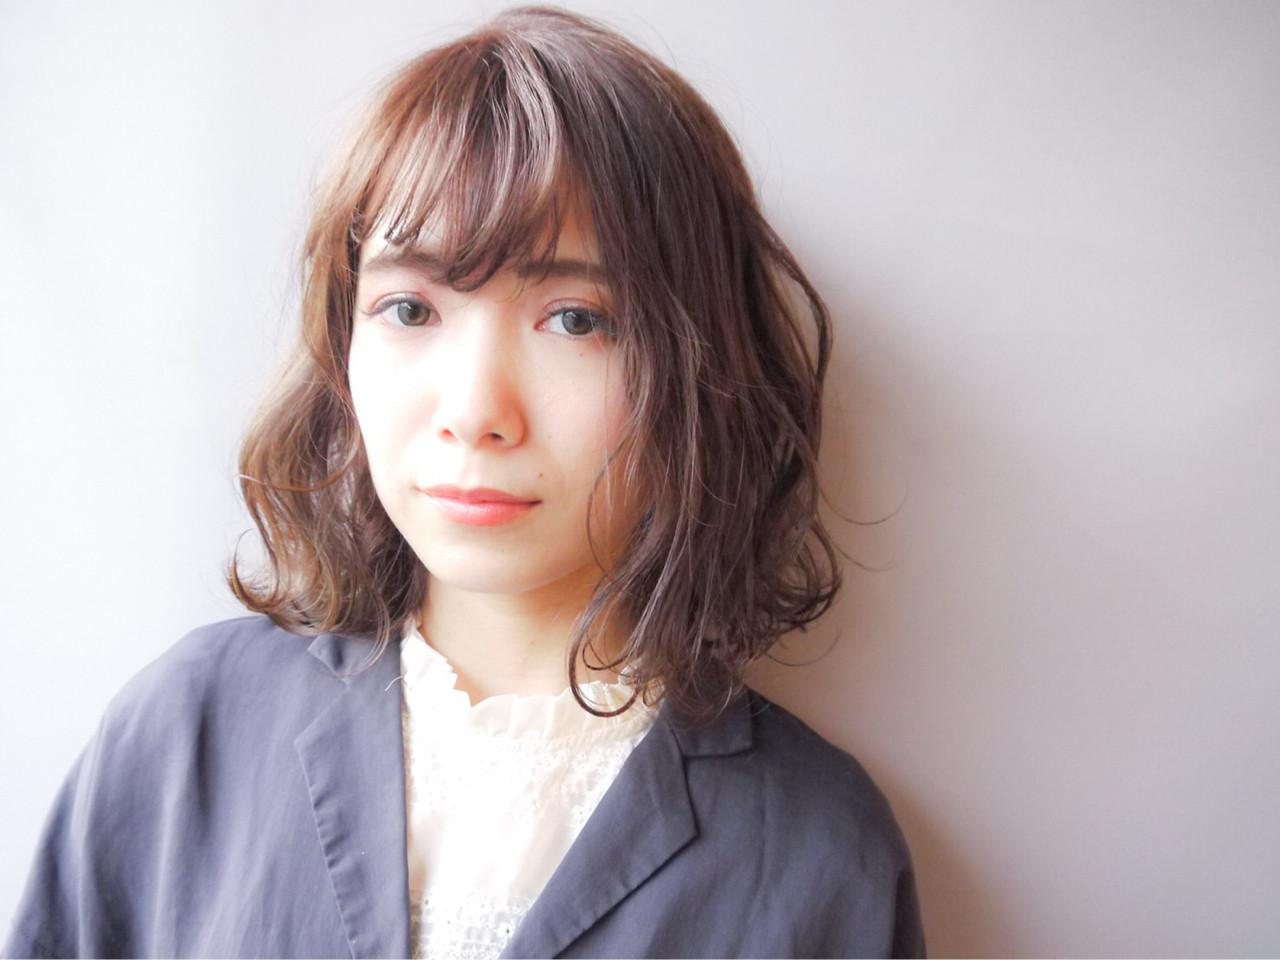 グレージュ コンサバ 大人かわいい 外ハネ ヘアスタイルや髪型の写真・画像 | HIROKI / roijir / roijir